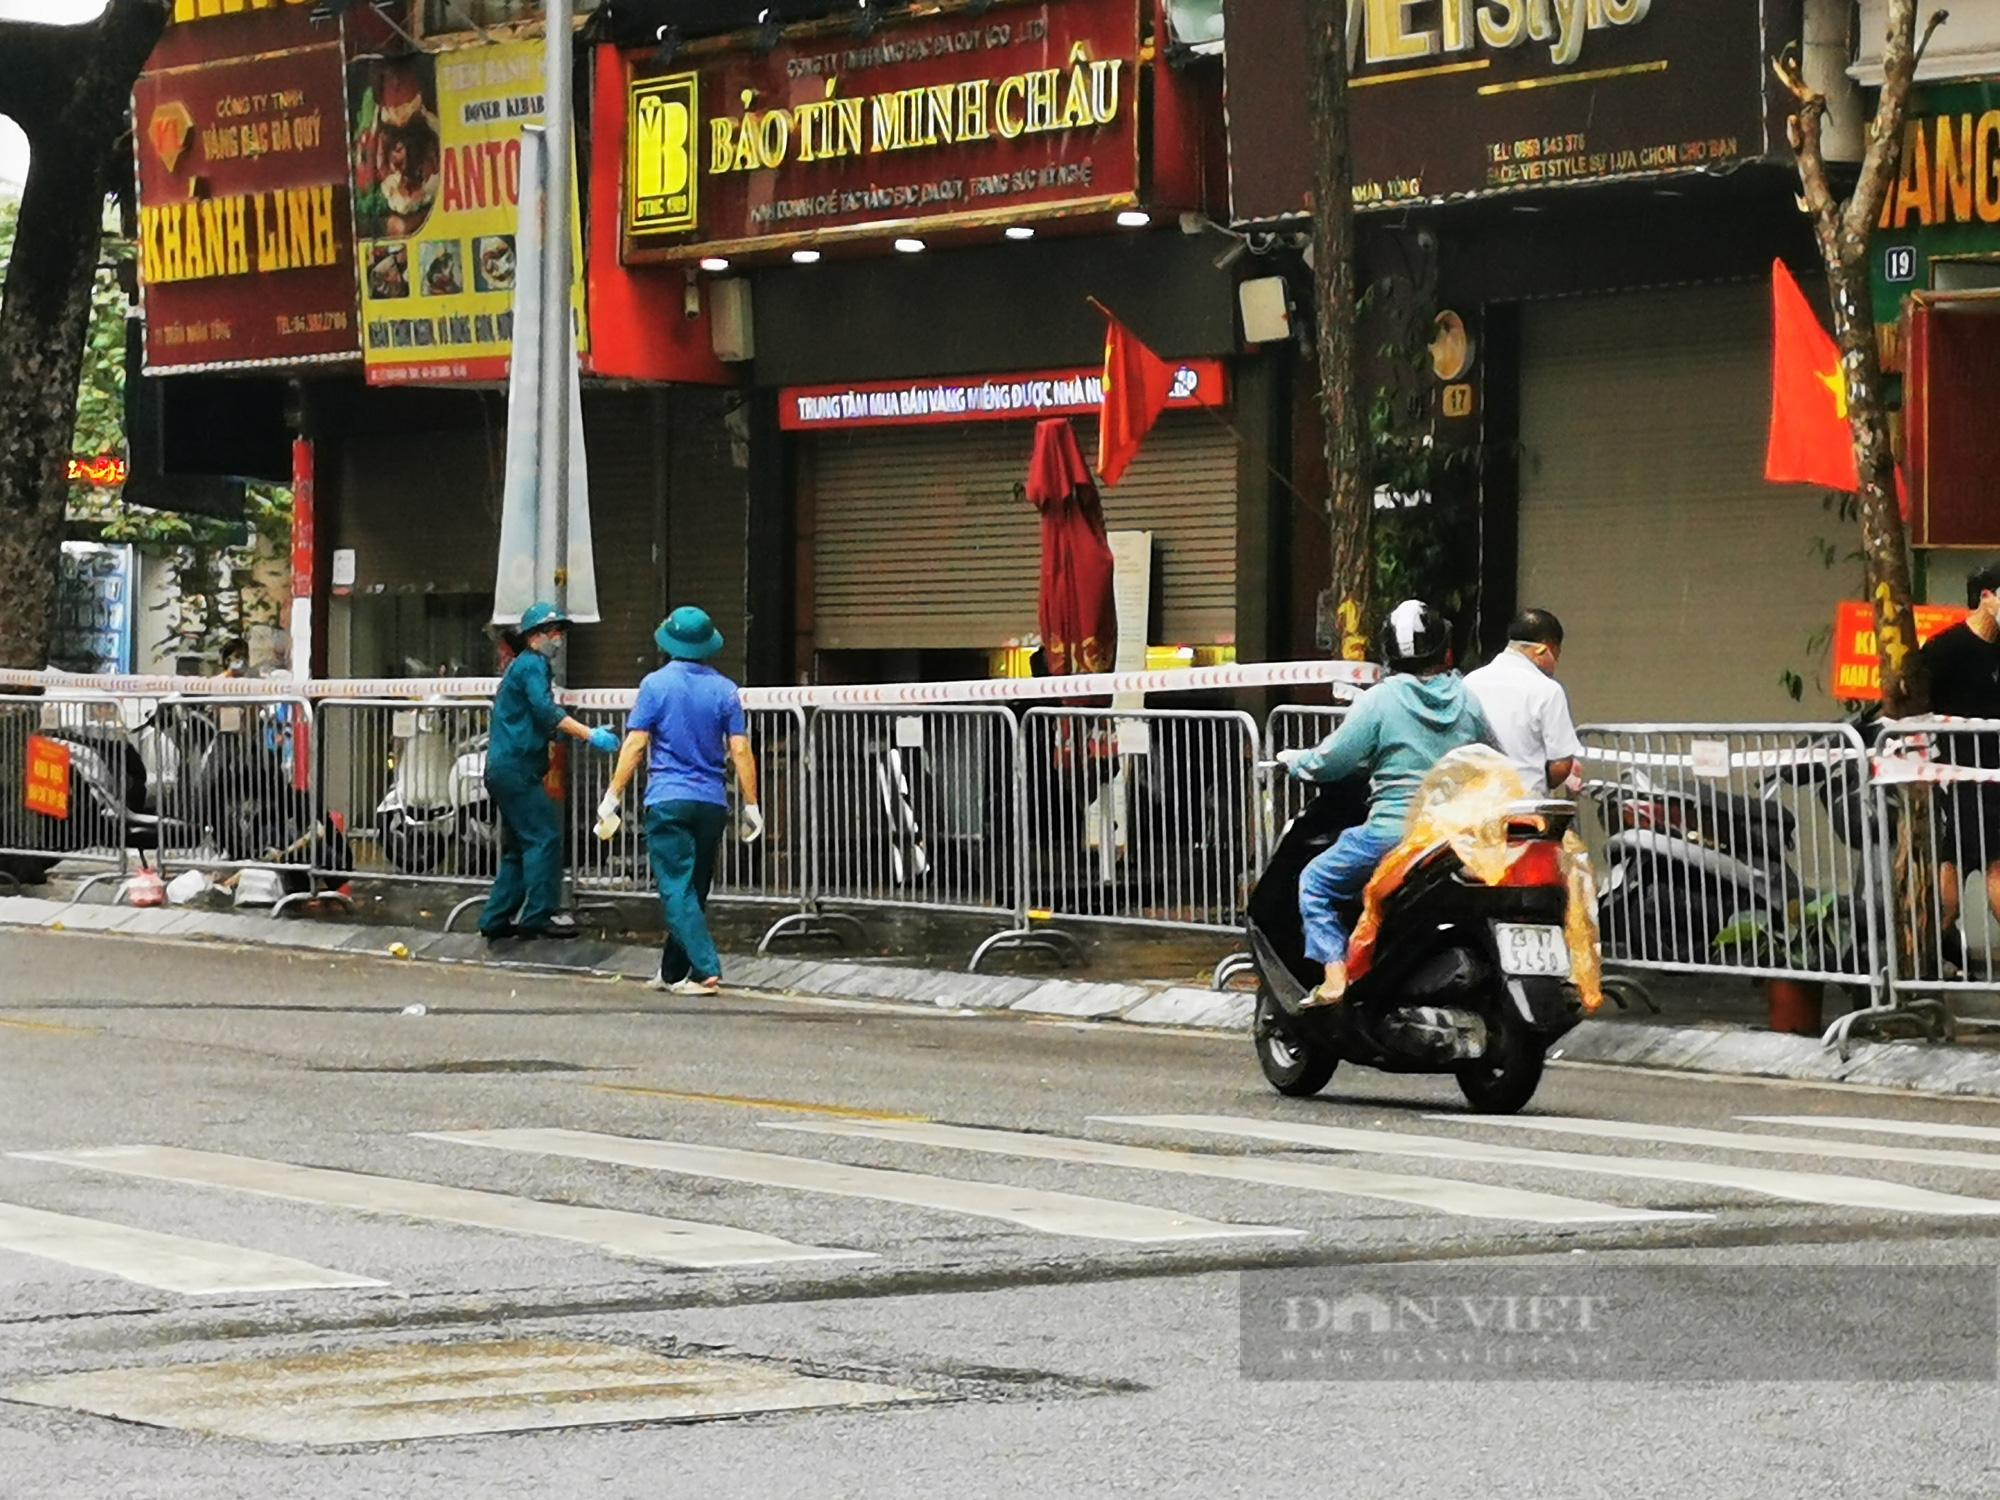 3 hiệu vàng trên đoạn phố Trần Nhân Tông bị phỏng toả do có liên quan đến F0 - Ảnh 2.